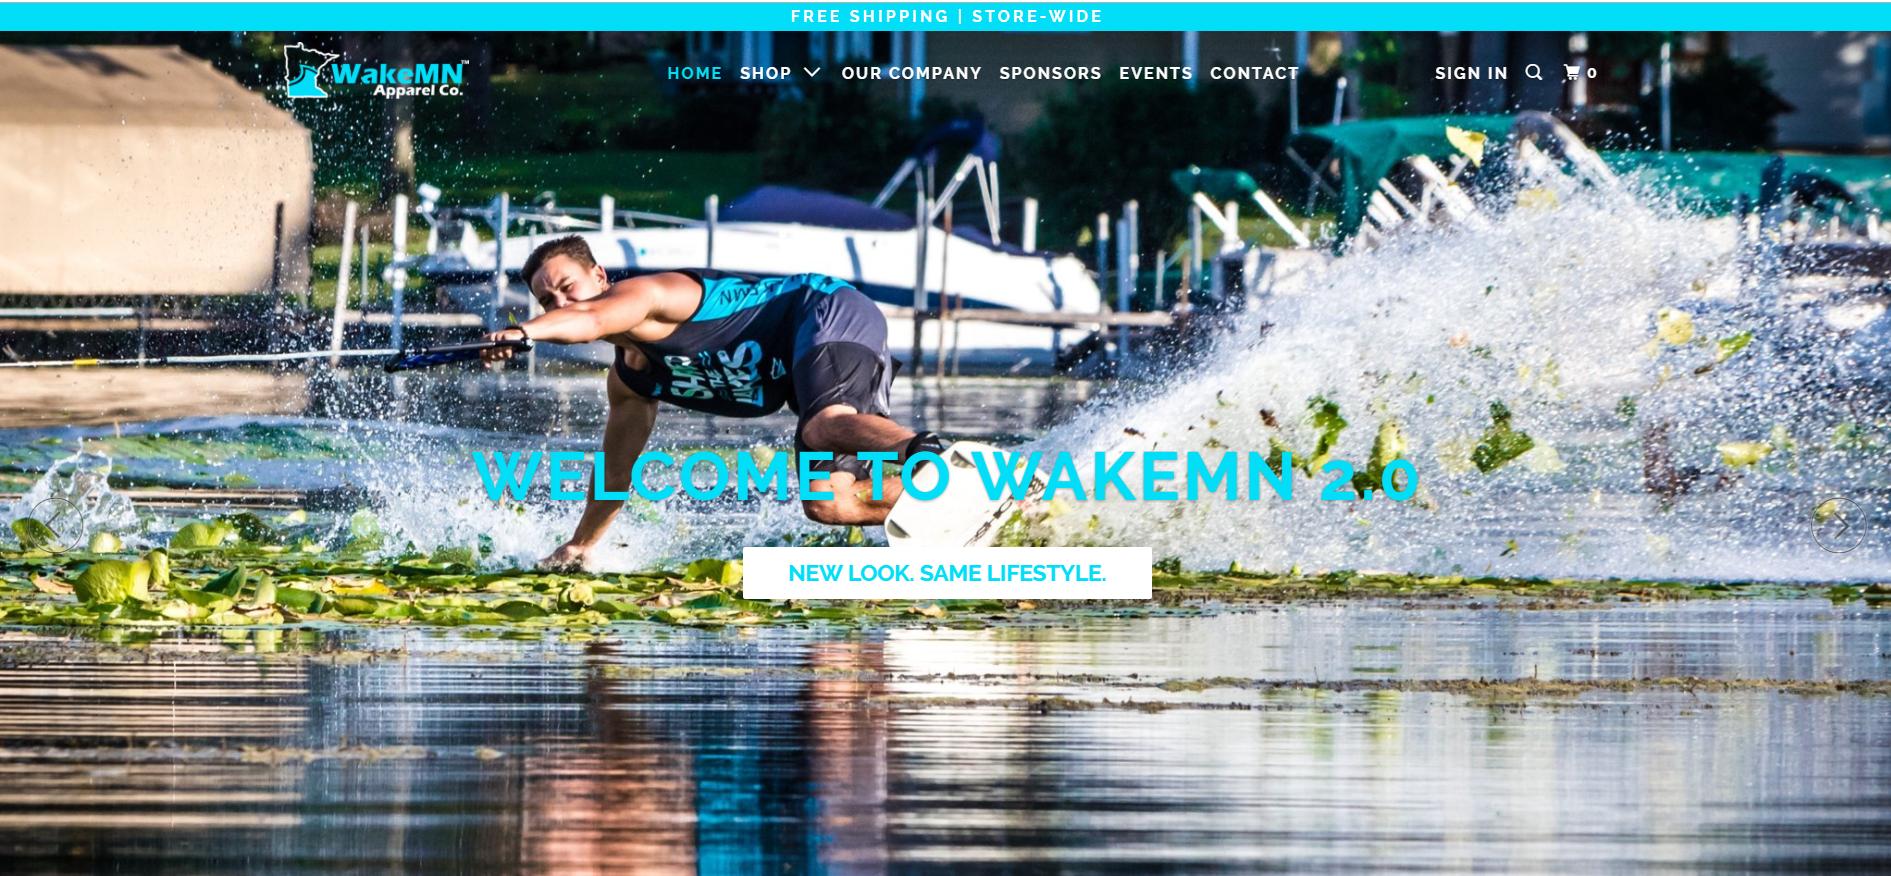 www.wakemn.com